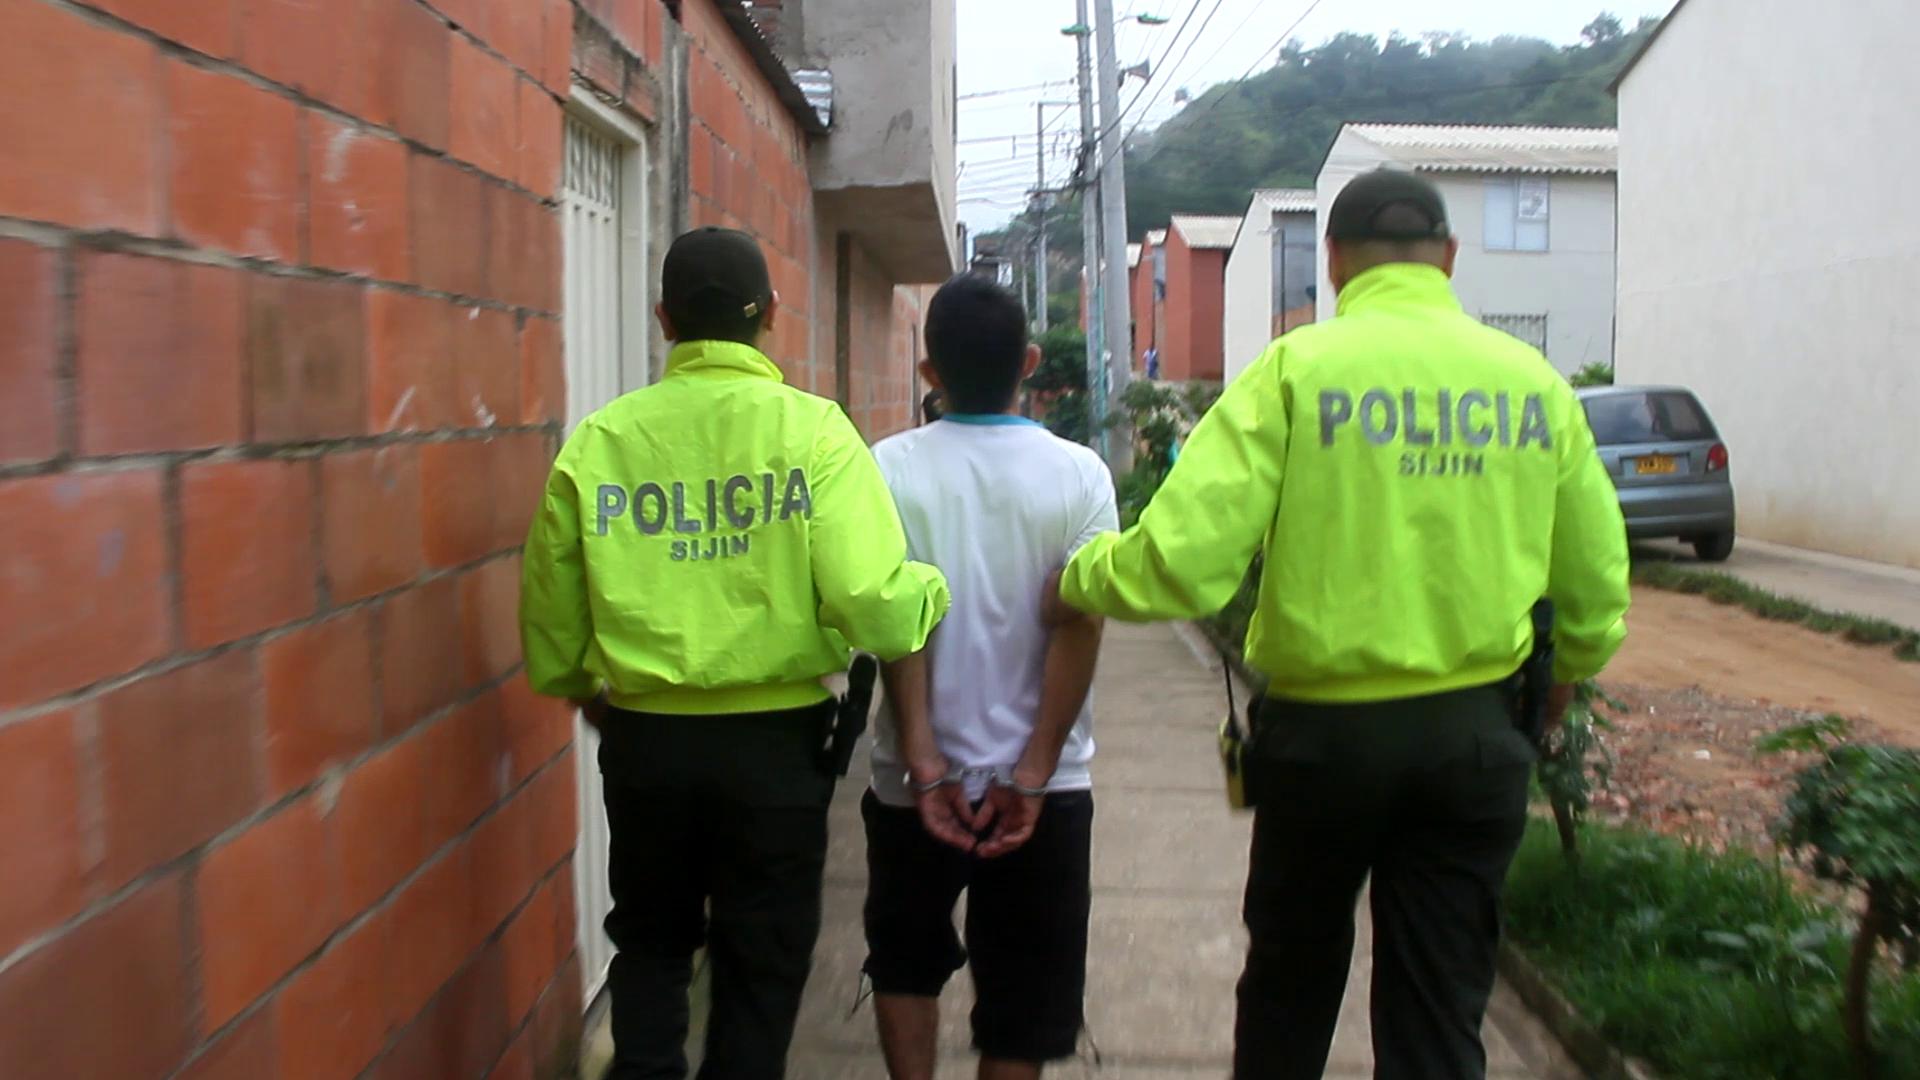 Ofensiva en el norte de la ciudad dejó 21 capturados   EL FRENTE